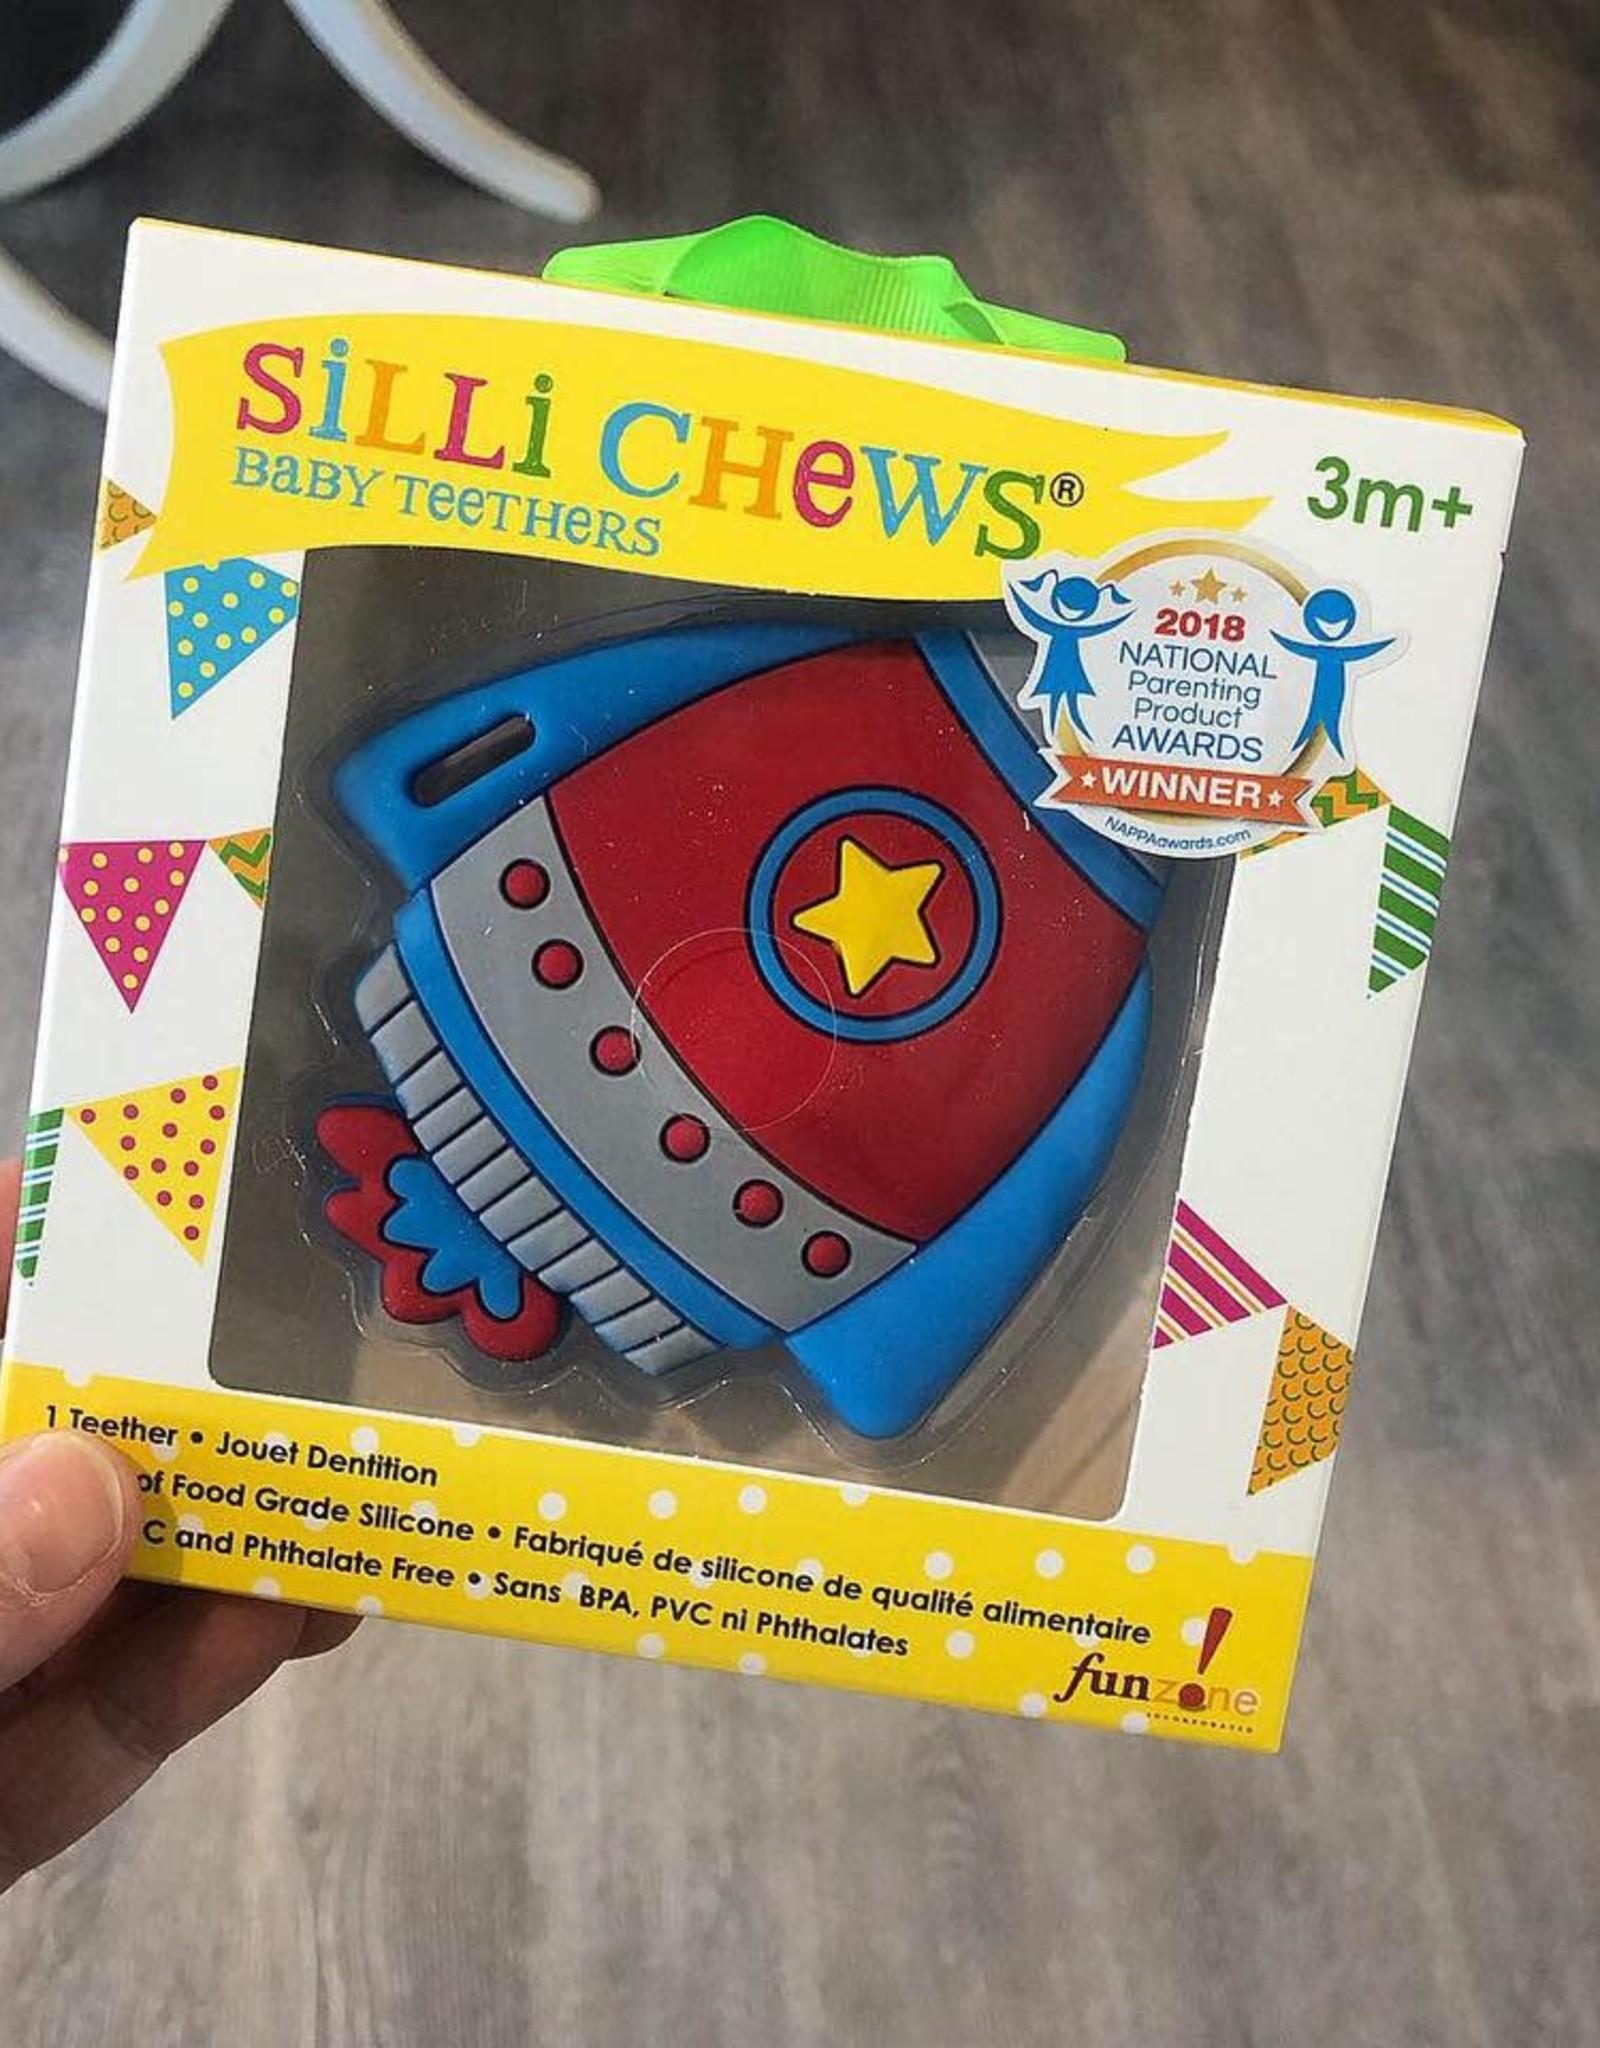 SilliChews Rocket Teether